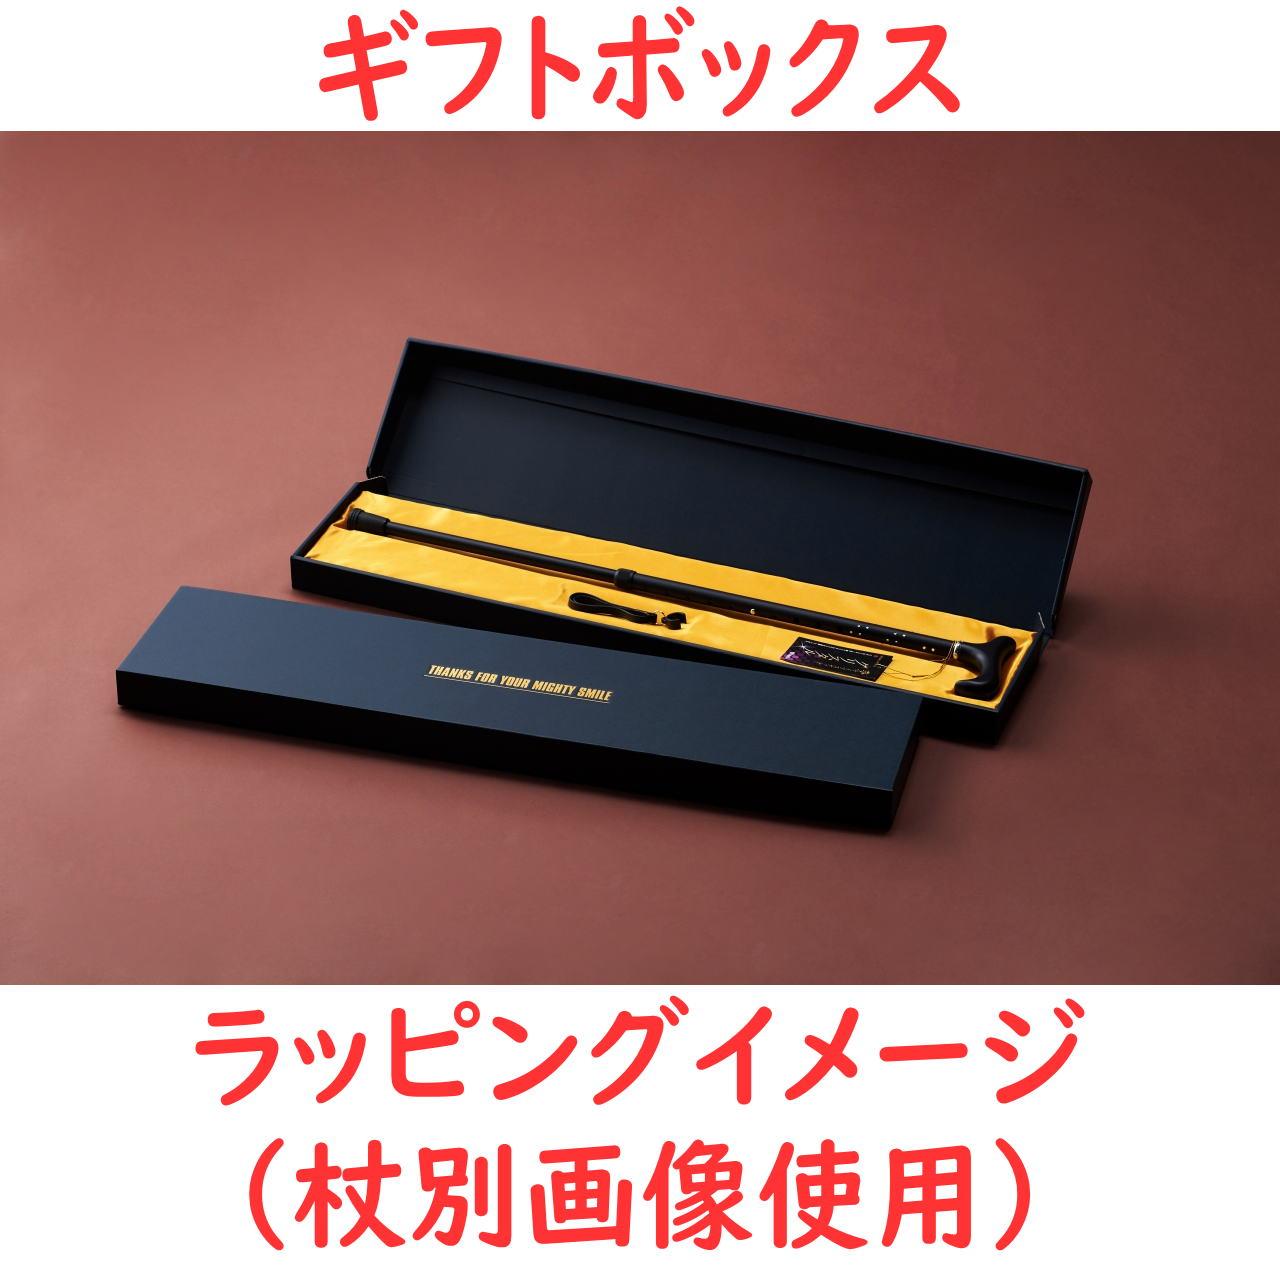 ☆ギフトボックス可☆ 夢ライフステッキ 柄杖伸縮型(スリムタイプ) ダークネイビーチェック